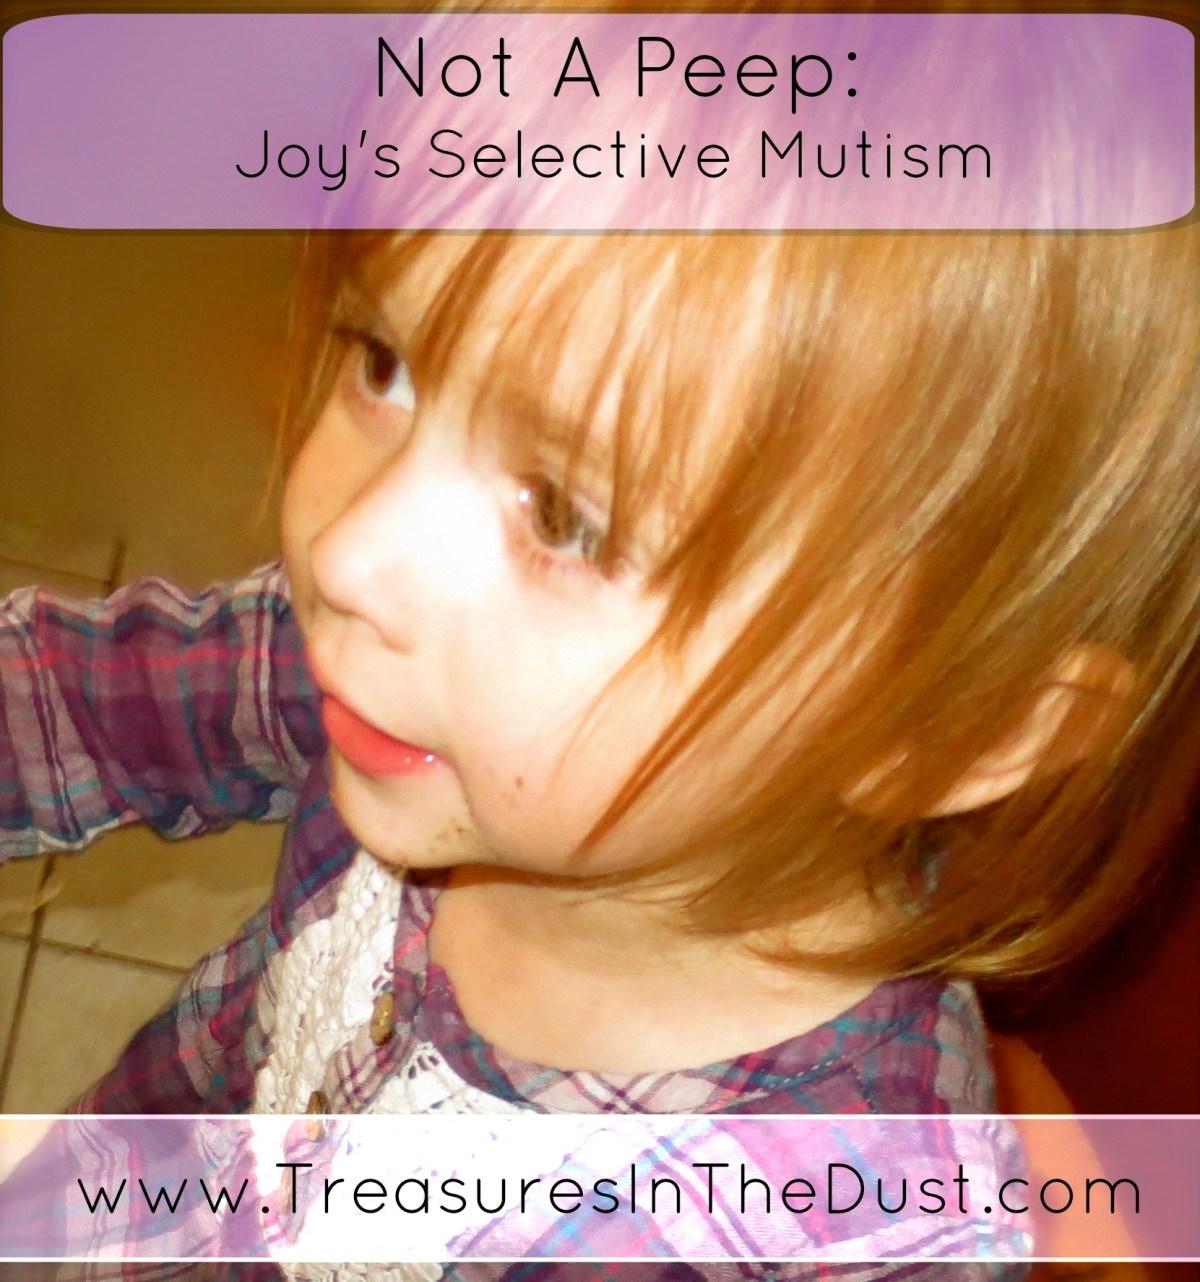 Not A Peep: Joy's Selective Mutism